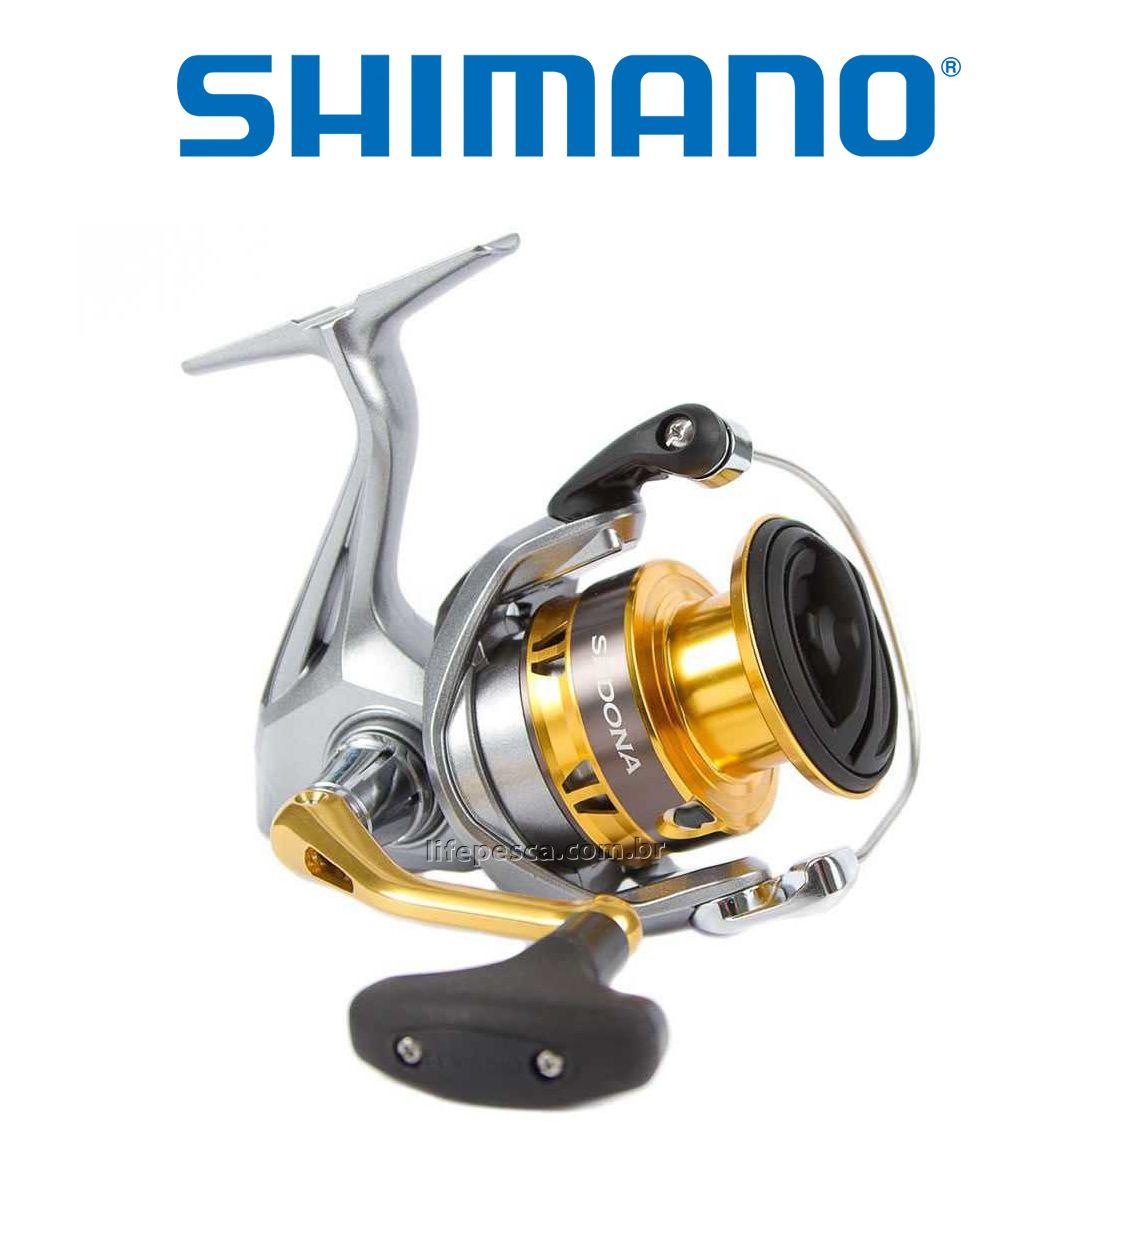 Molinete Shimano Sedona FI C3000 HG  - Life Pesca - Sua loja de Pesca, Camping e Lazer